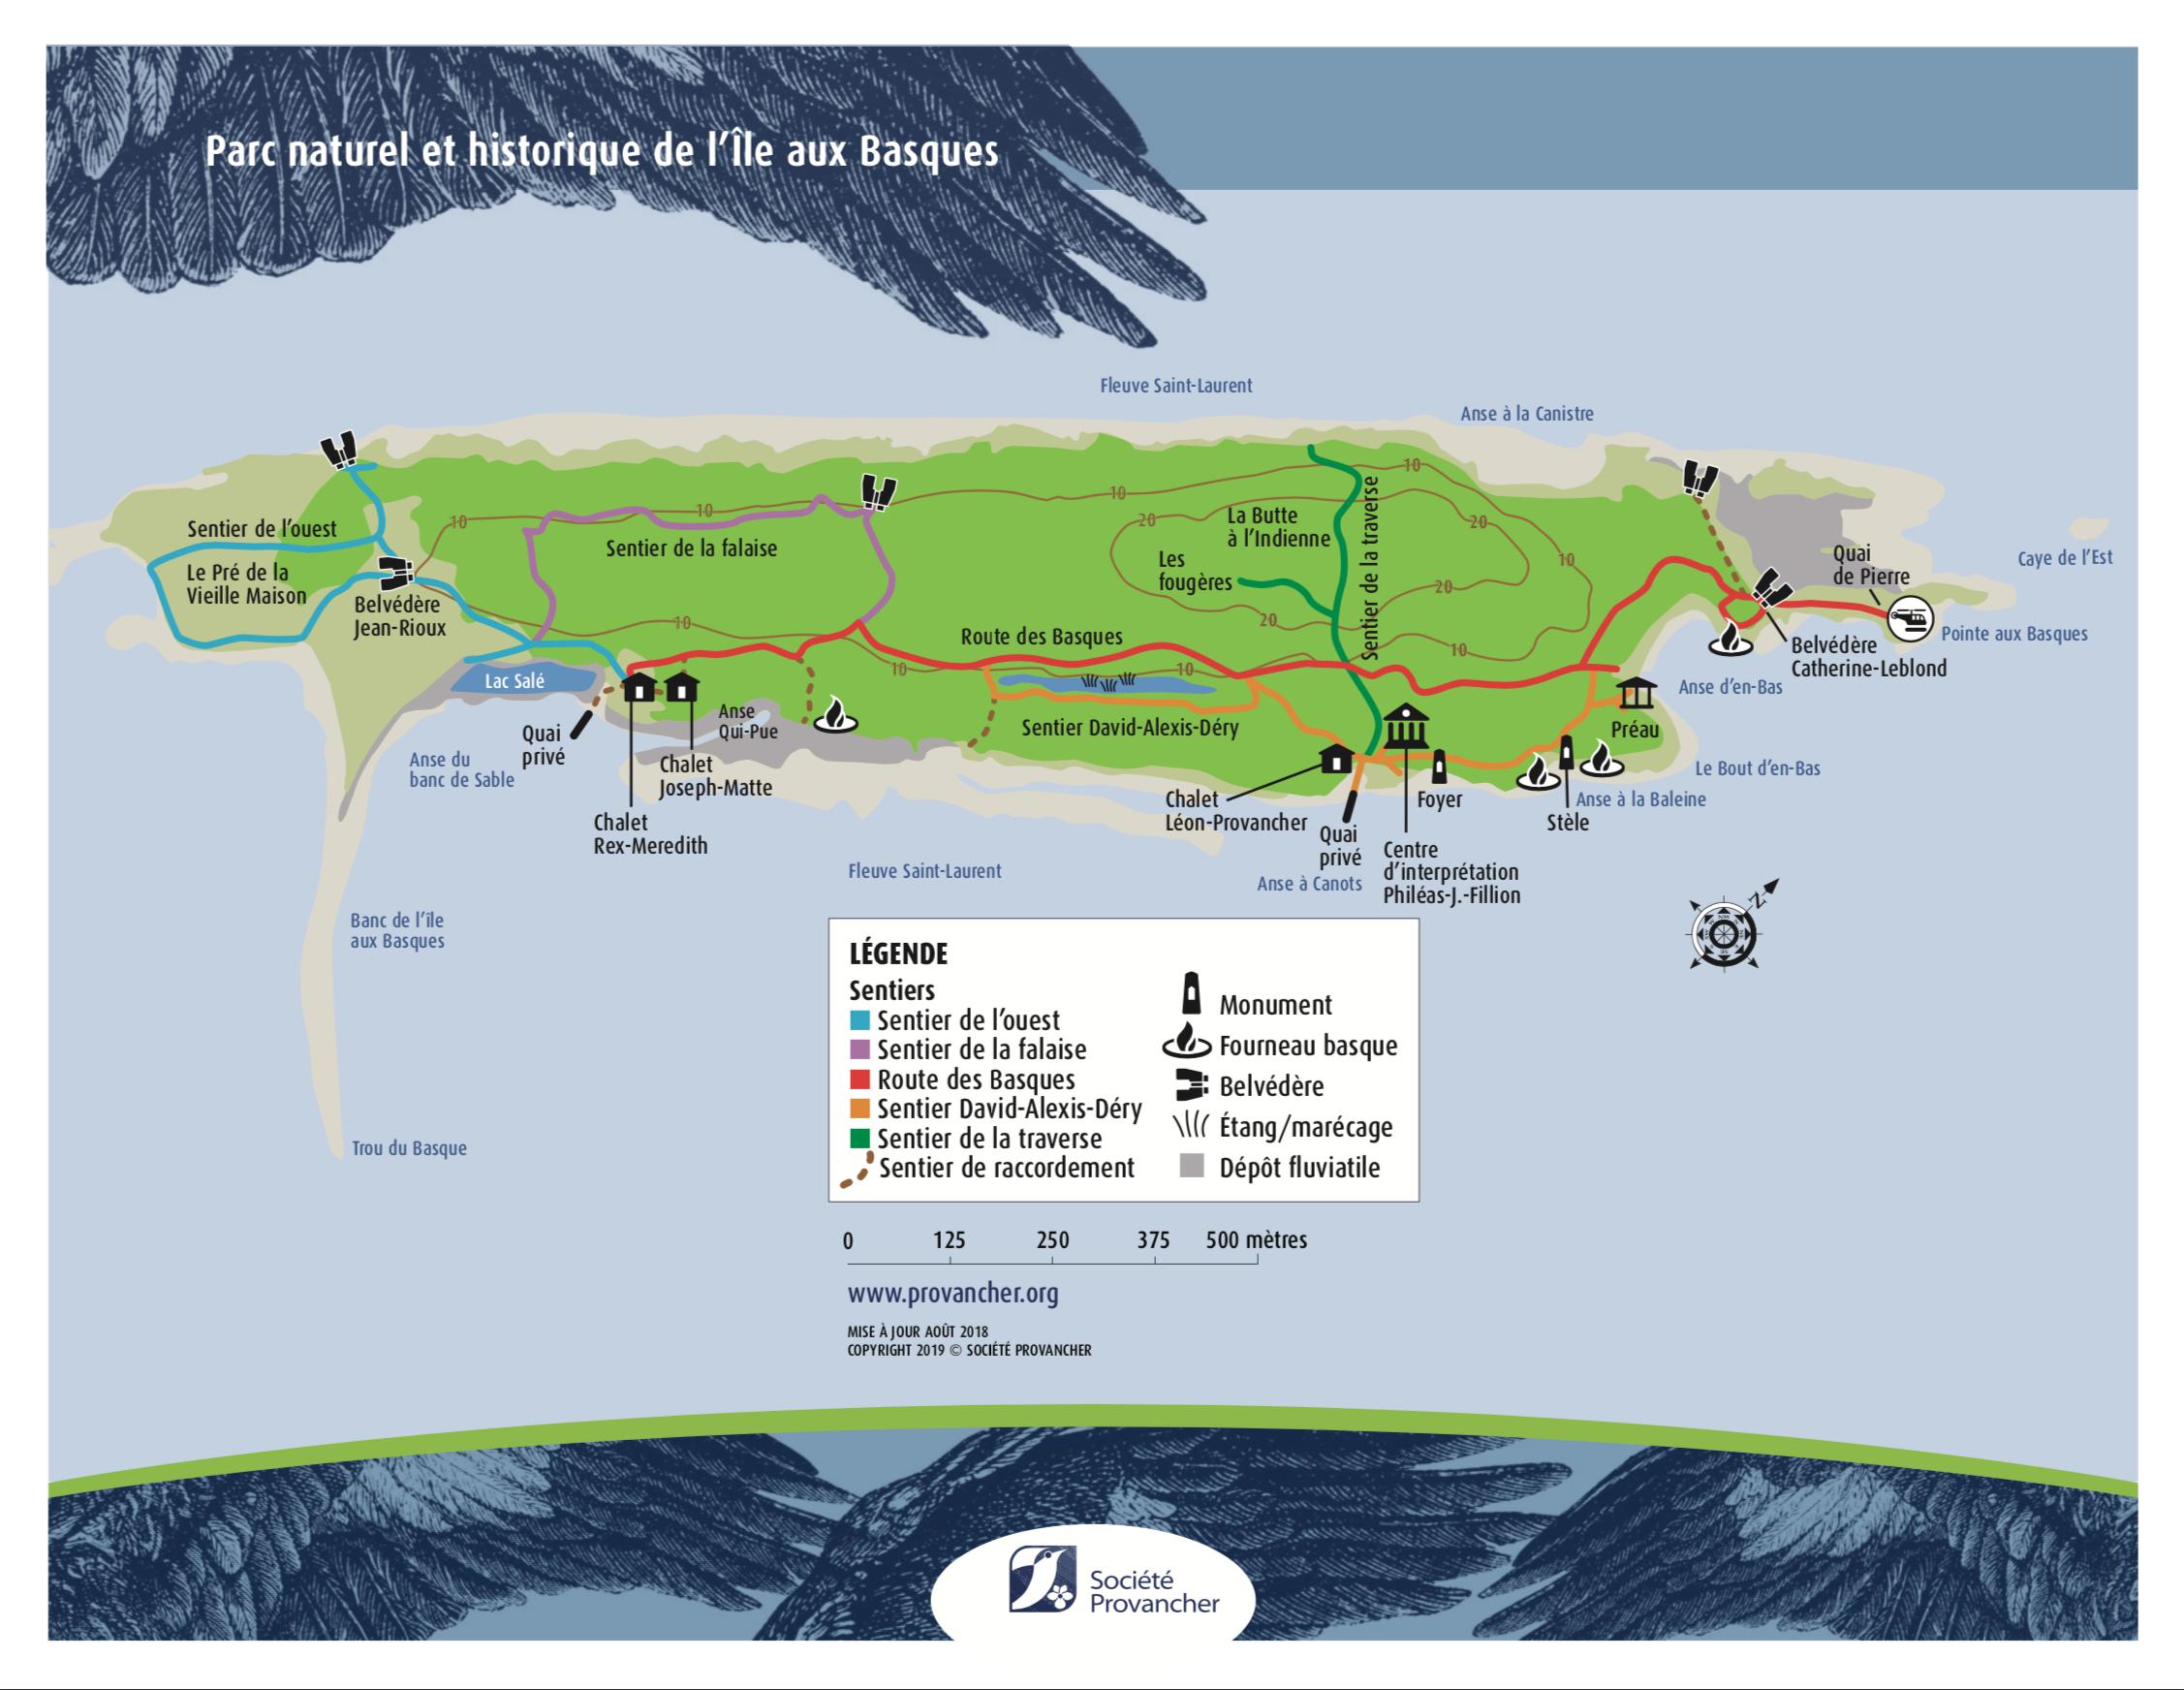 Carte du Parc naturel et historique de l'Île aux Basques (2019)